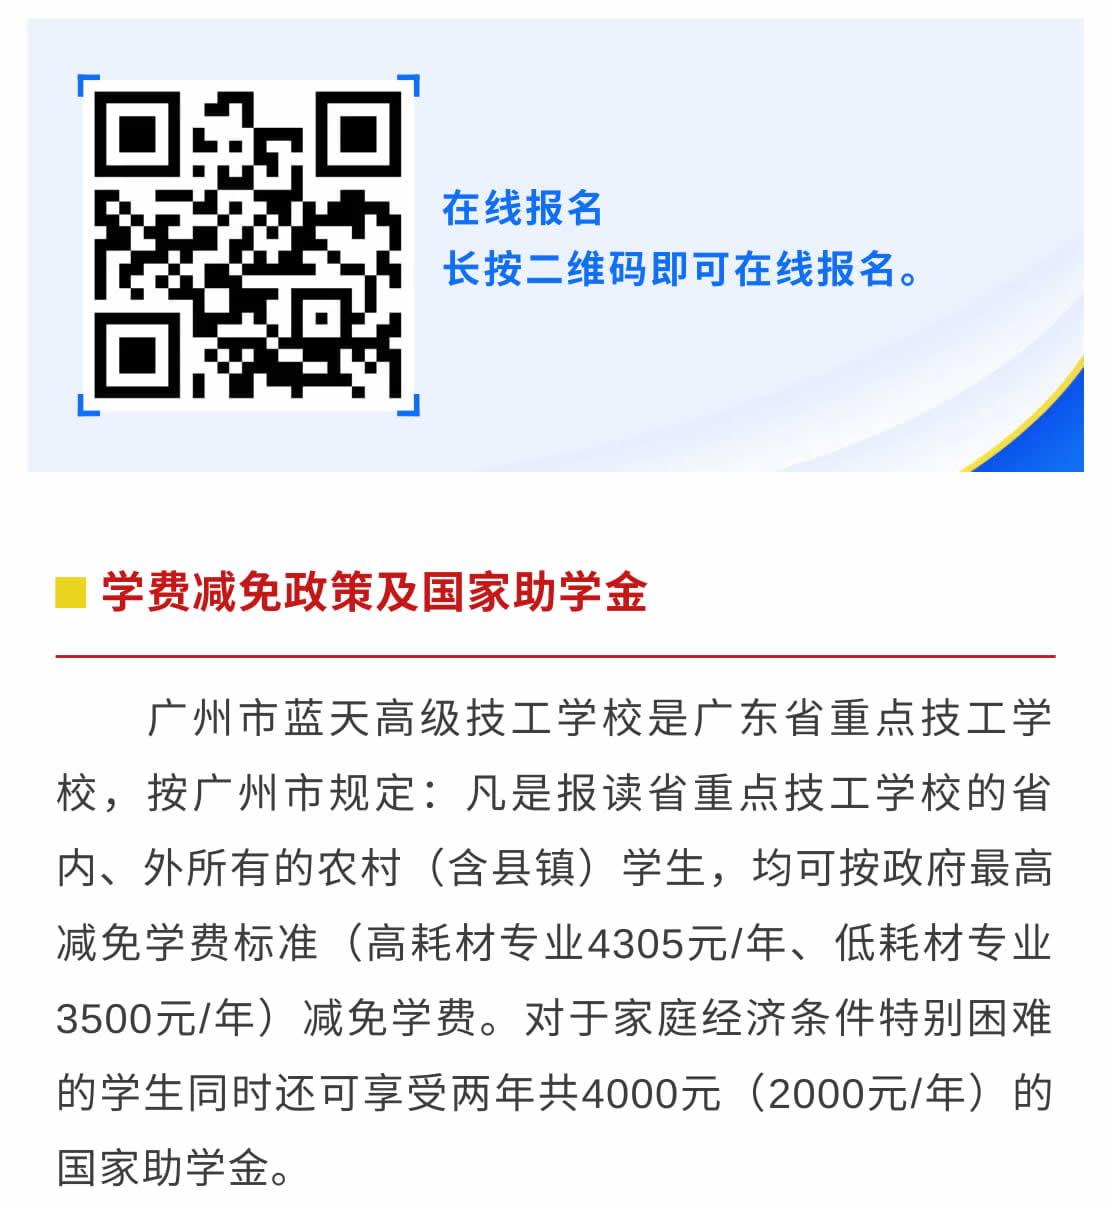 数字媒体技术应用-1_r5_c1.jpg